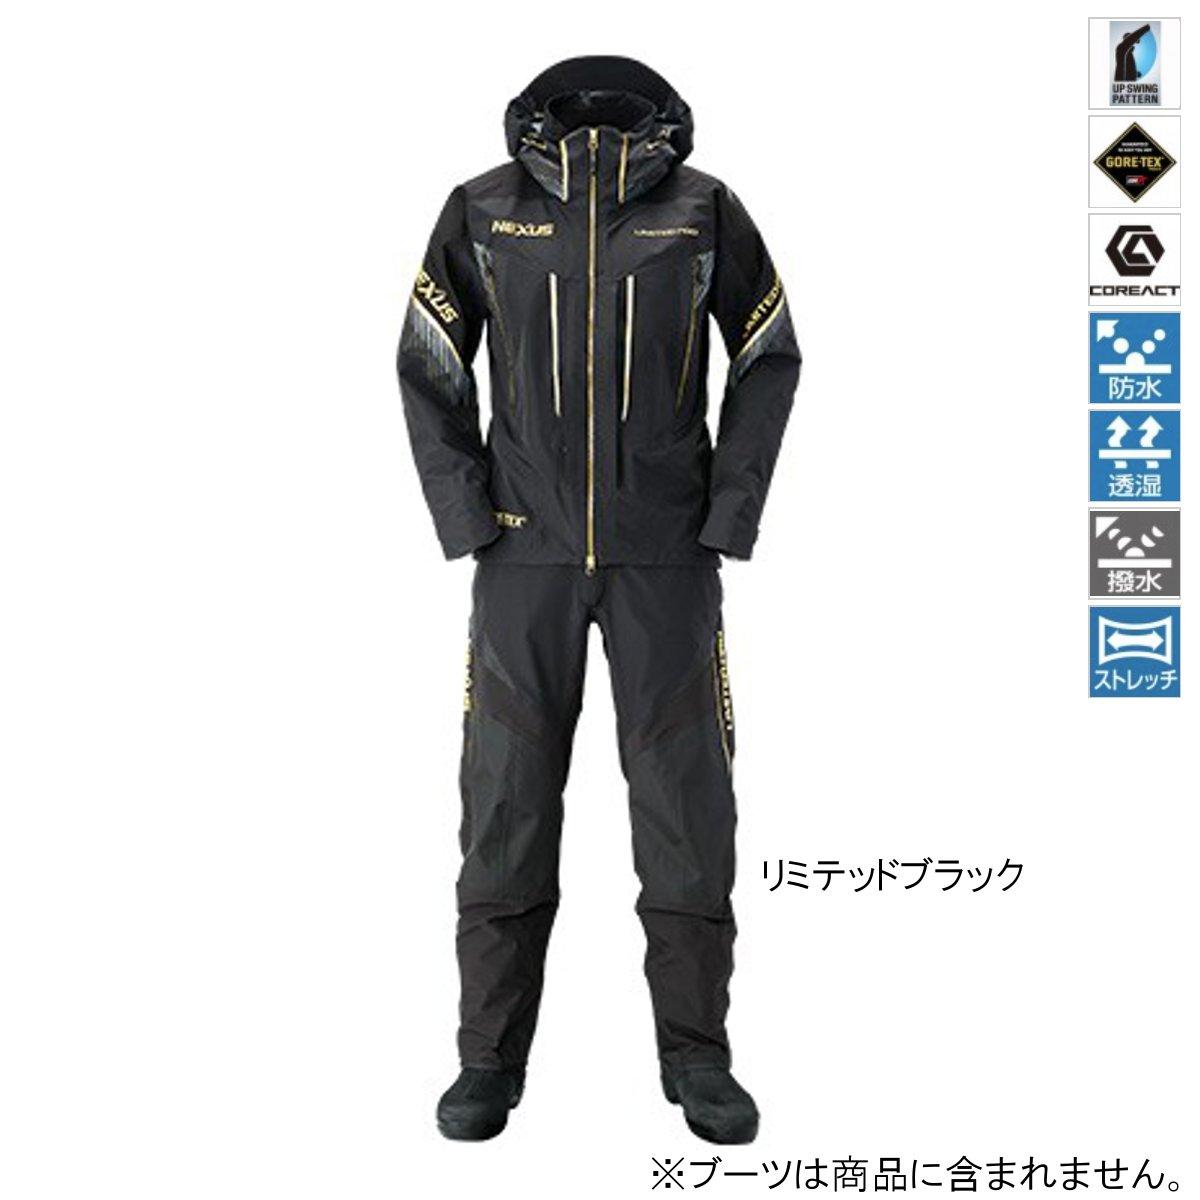 シマノ NEXUS・GORE-TEX レインスーツ LIMITED PRO RA-112S M リミテッドブラック【送料無料】